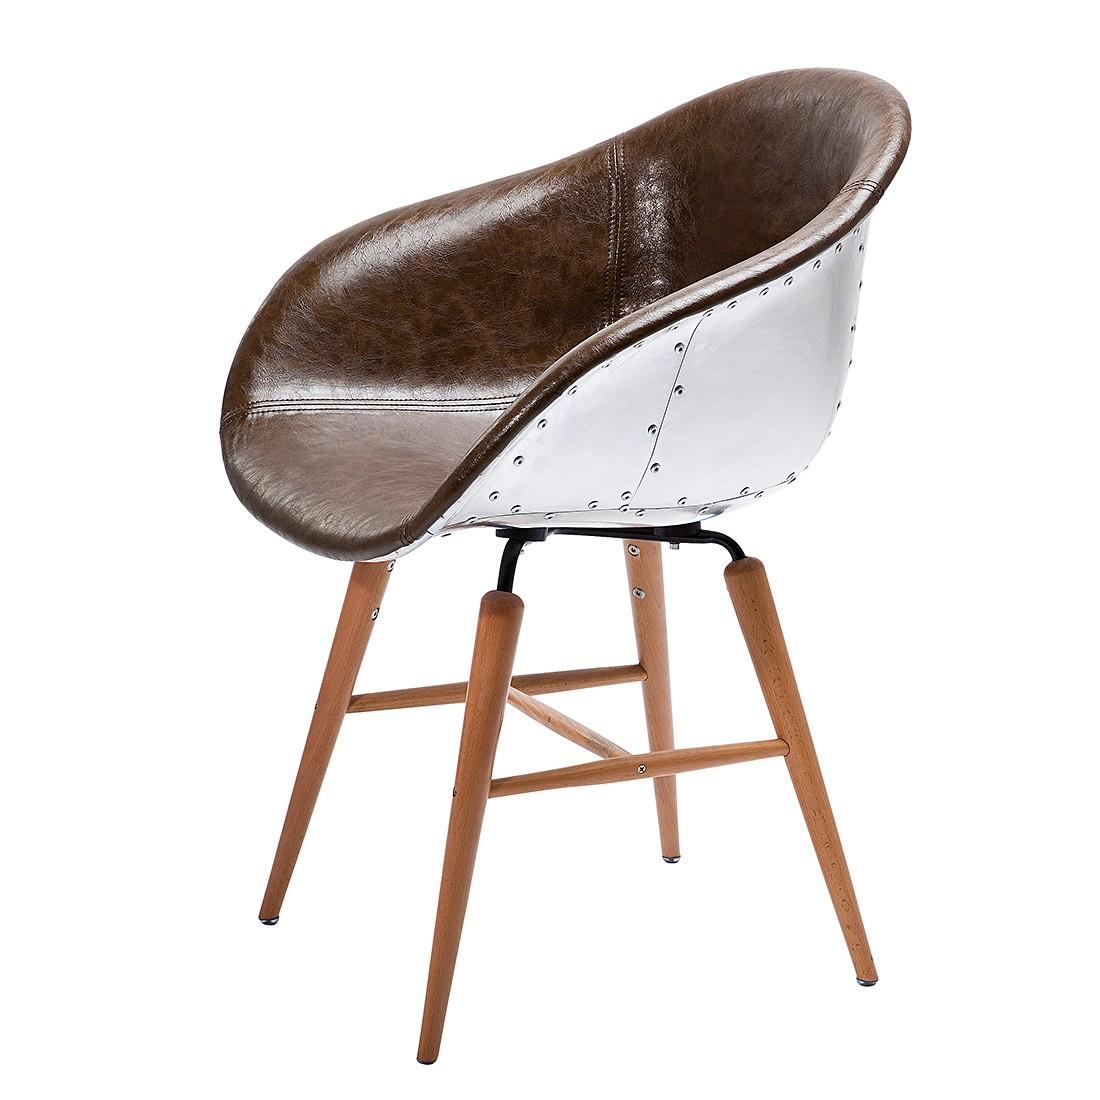 kare design stuhl preisvergleich die besten angebote online kaufen. Black Bedroom Furniture Sets. Home Design Ideas